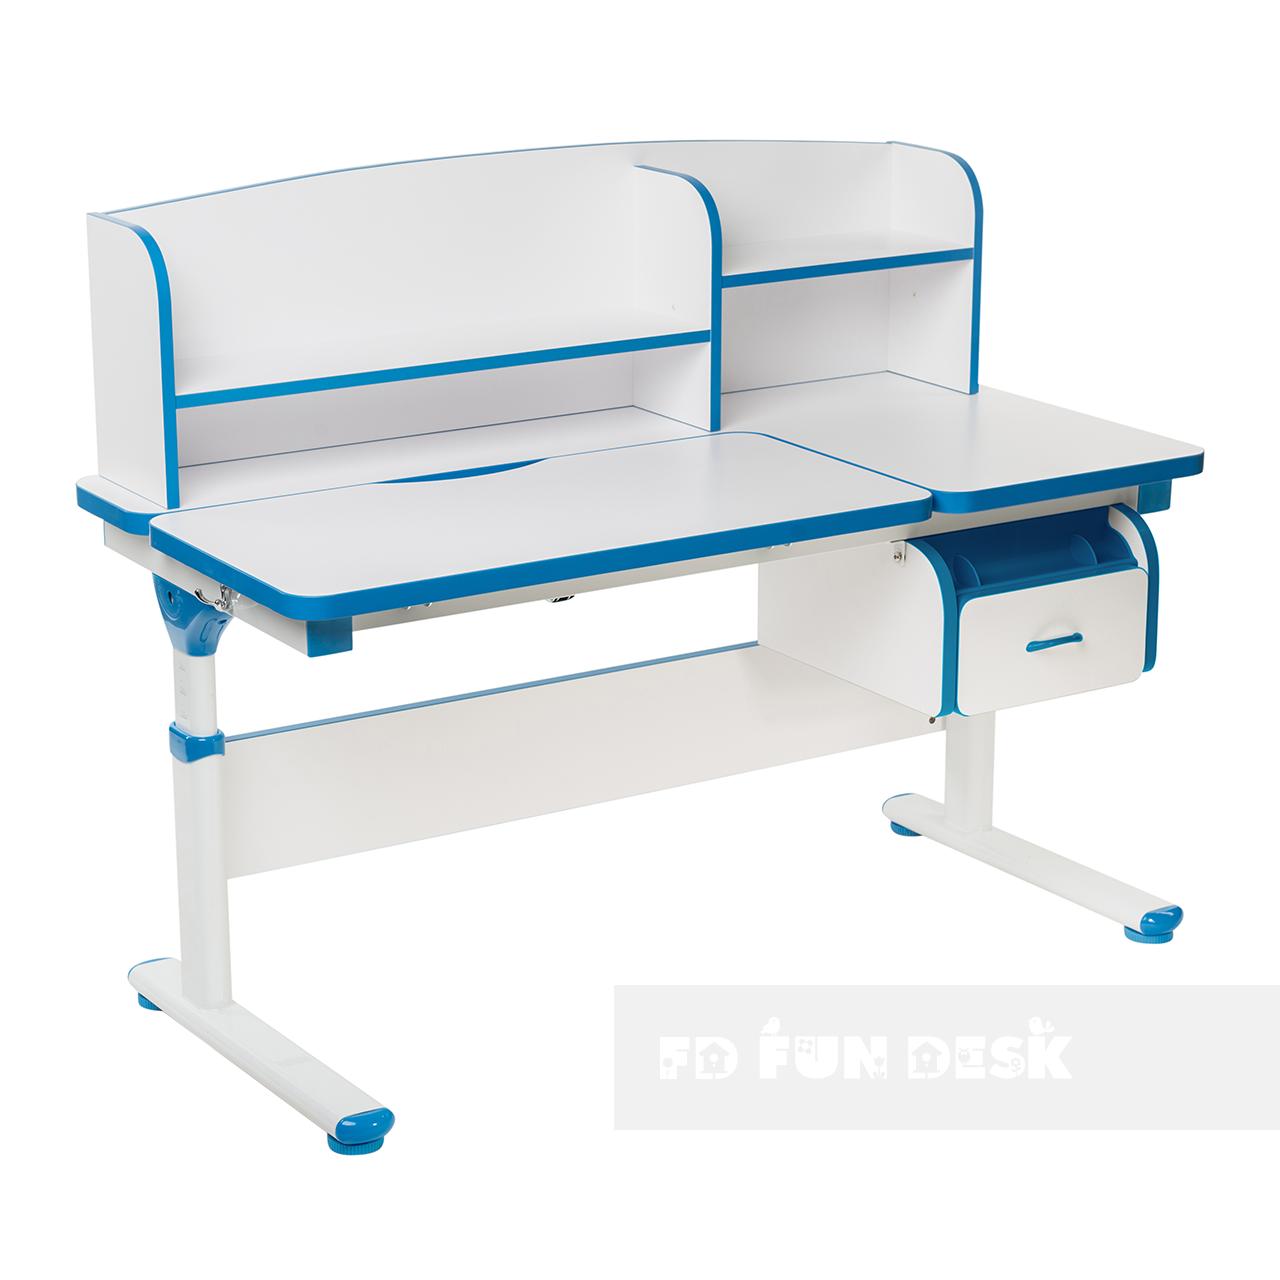 Регулируемая парта с надстройкой FunDesk Creare Blue и выдвижным ящиком